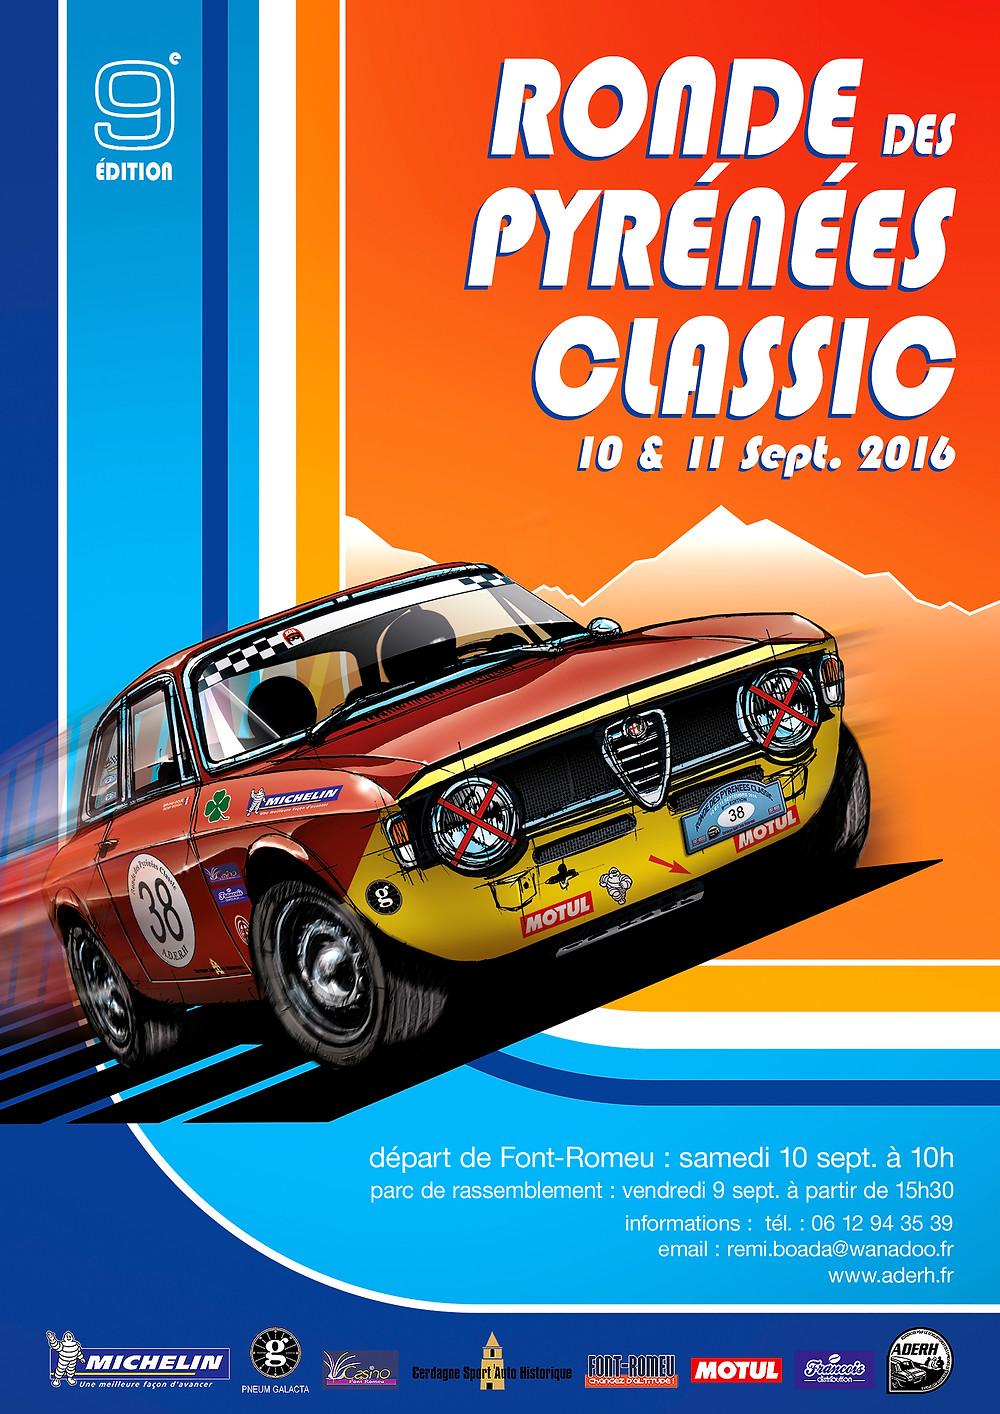 Ronde des Pyrénées Classic 2016